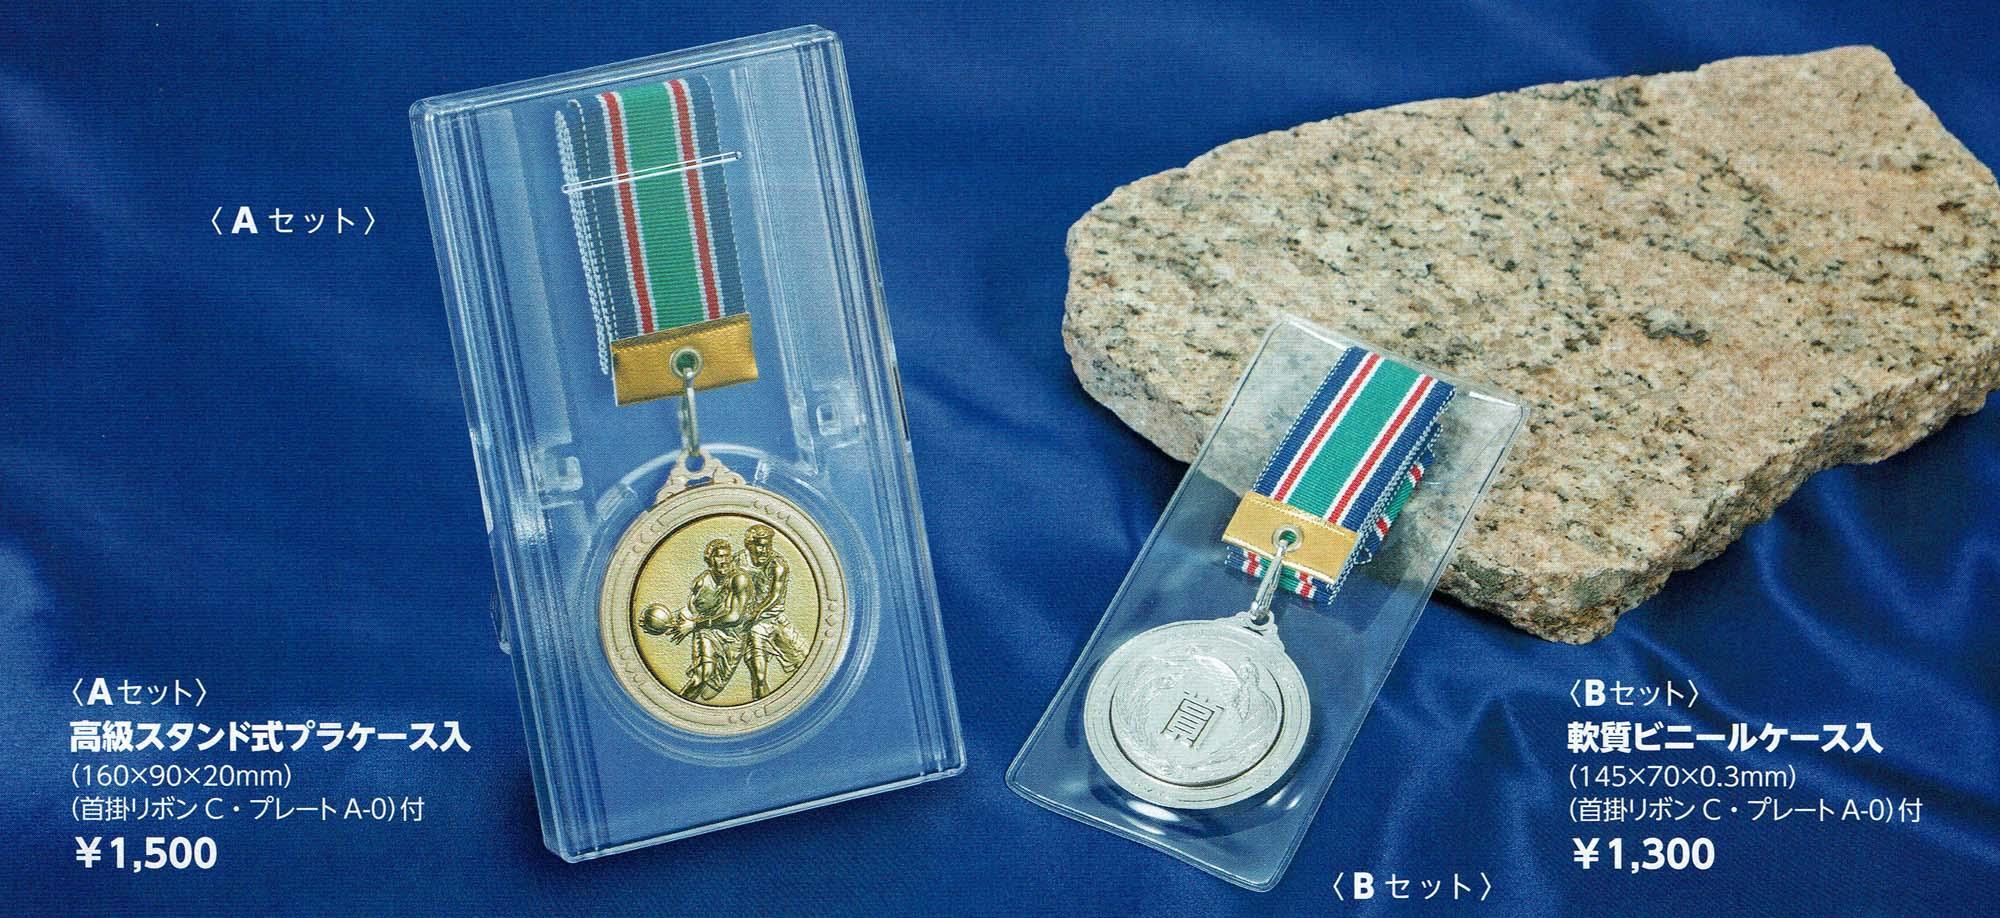 MF-53メダル ケース